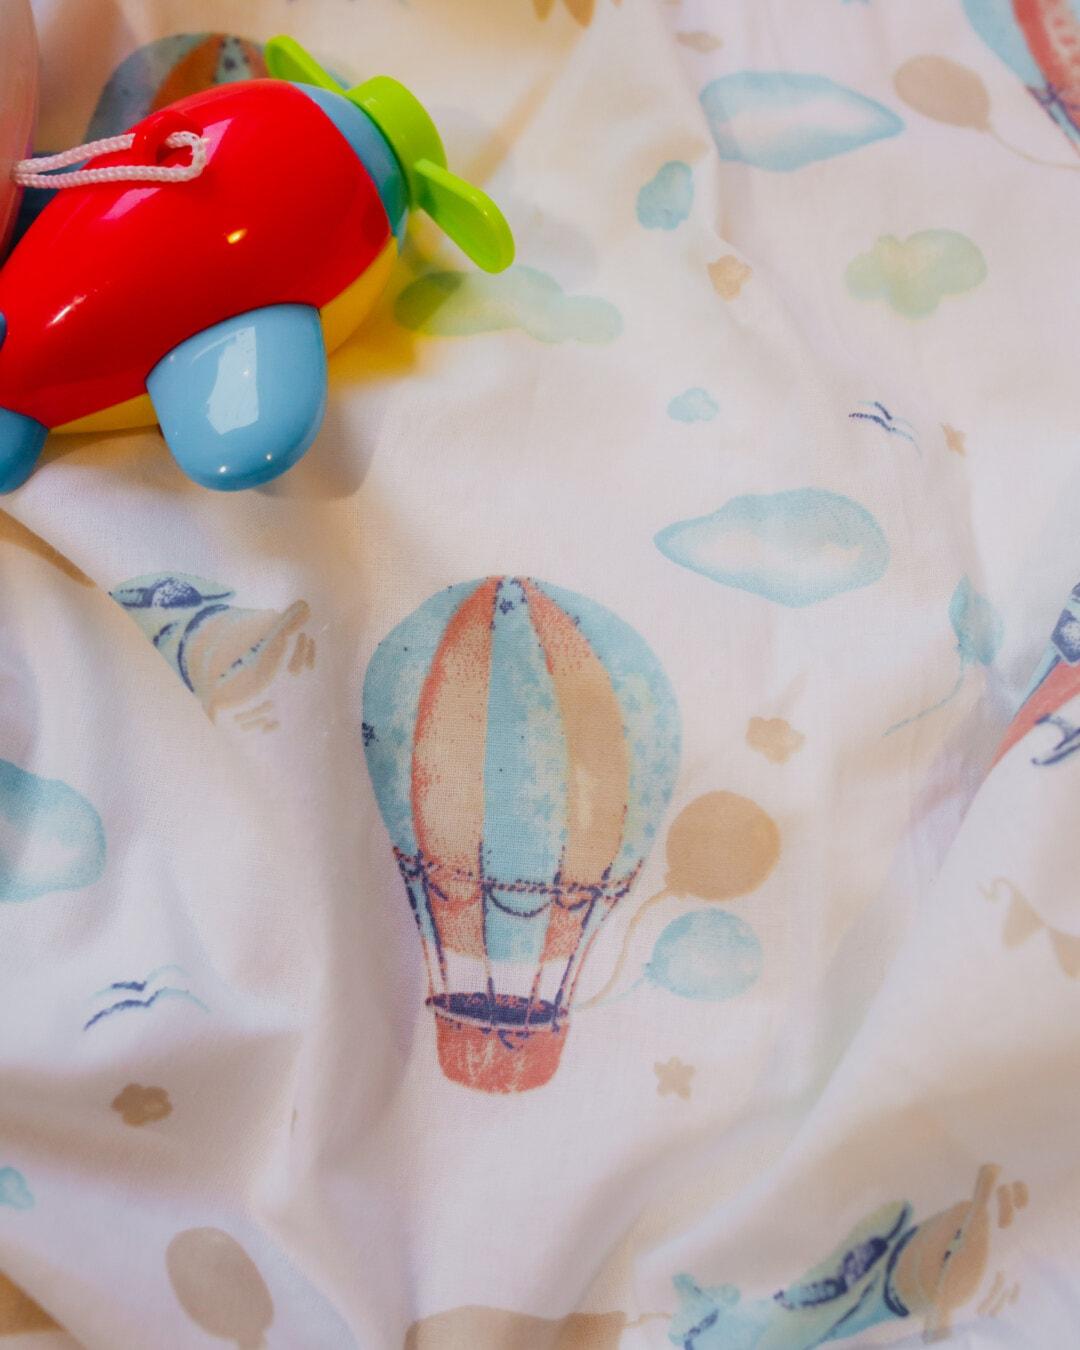 Flugzeug, Kunststoff, Spielzeug, heiße Luft, Ballon, Kreativität, Decke, Textil-, Design, Geburtstag